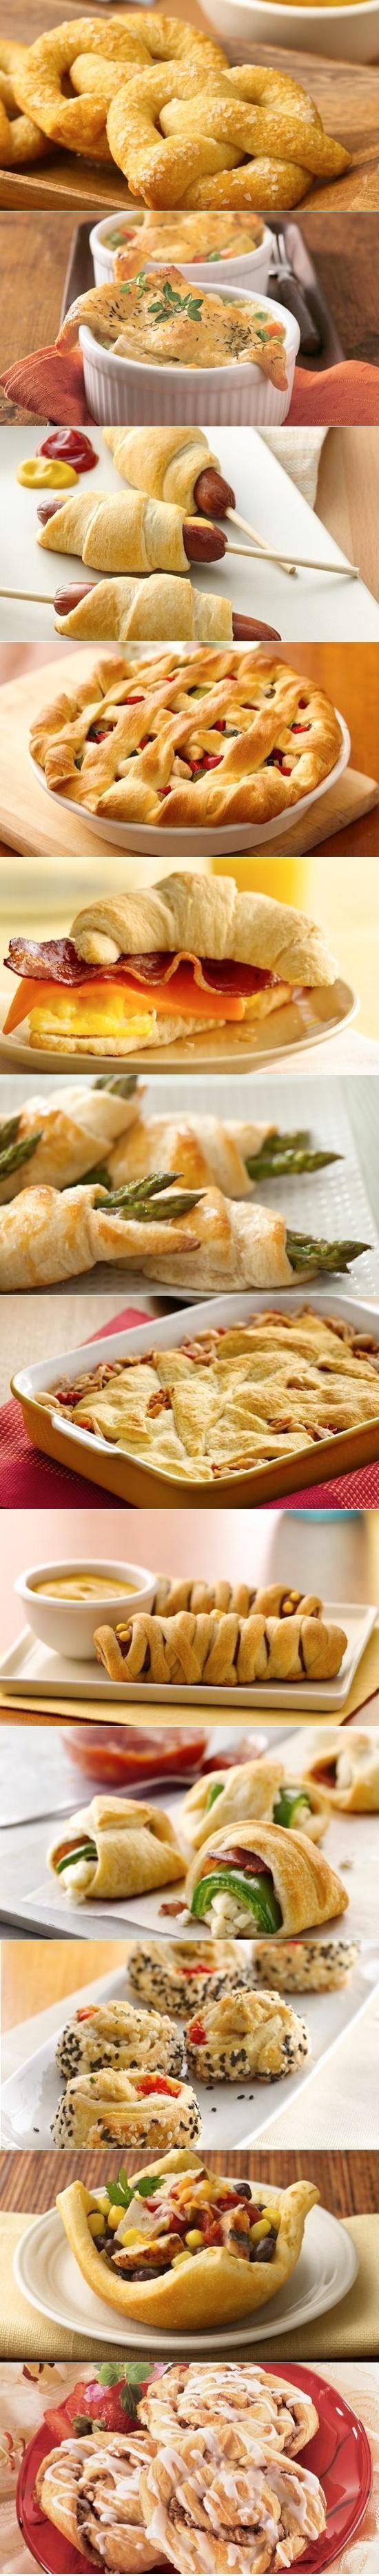 Cool Crescent Roll Recipes